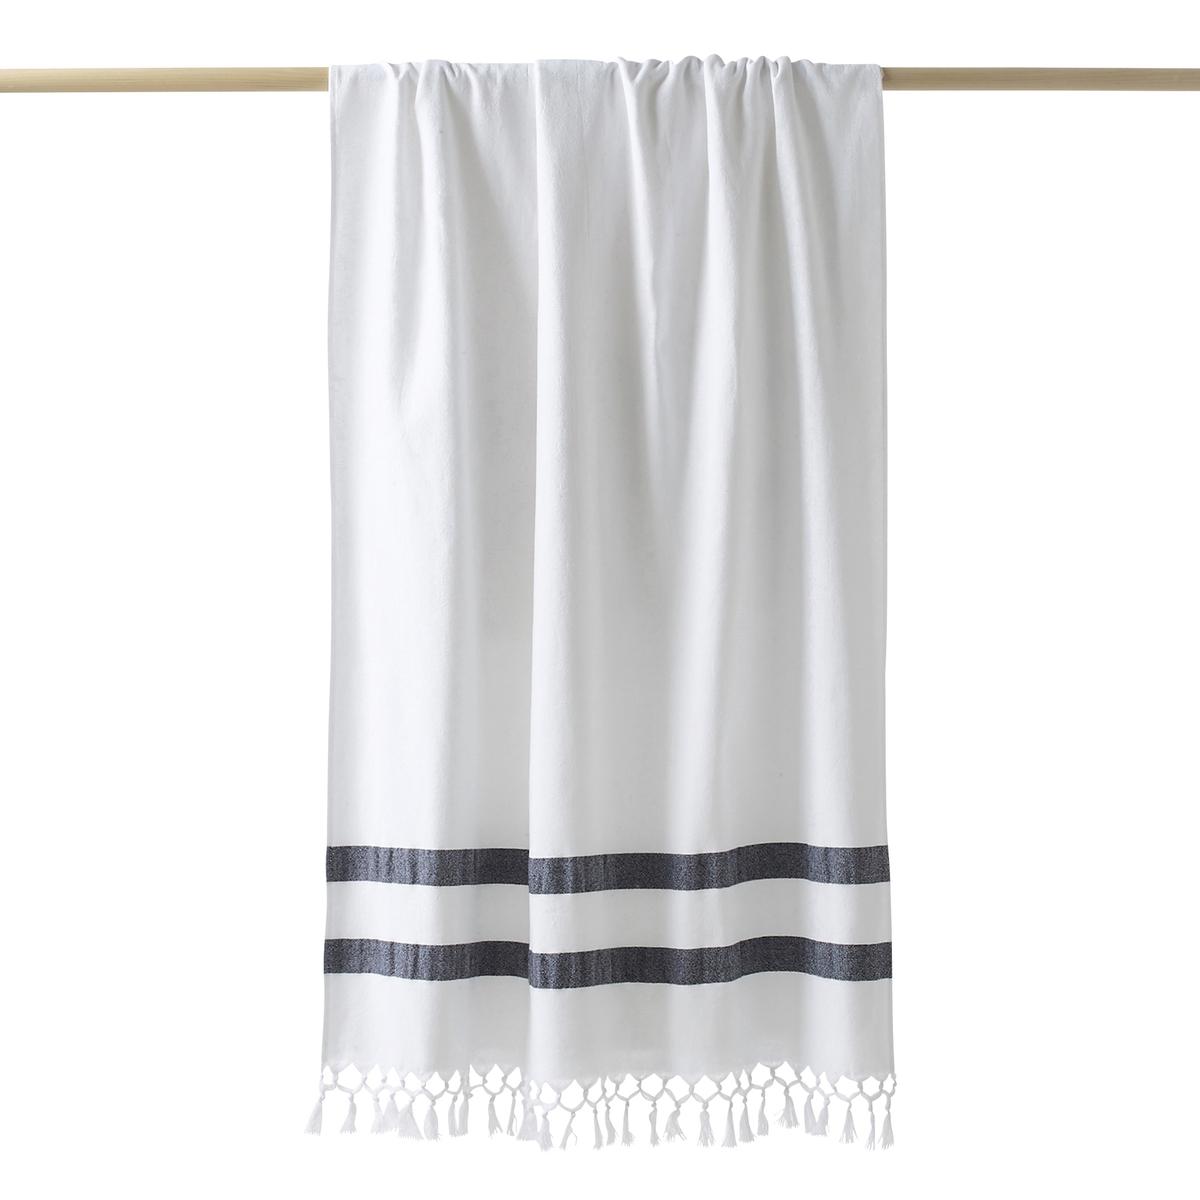 Полотенце La Redoute Махровое в стиле пляжного покрывала ANTALYA 90 x 175 cm белый полотенца банные hobby home collection махровое полотенце 70x140 versal розовое 100